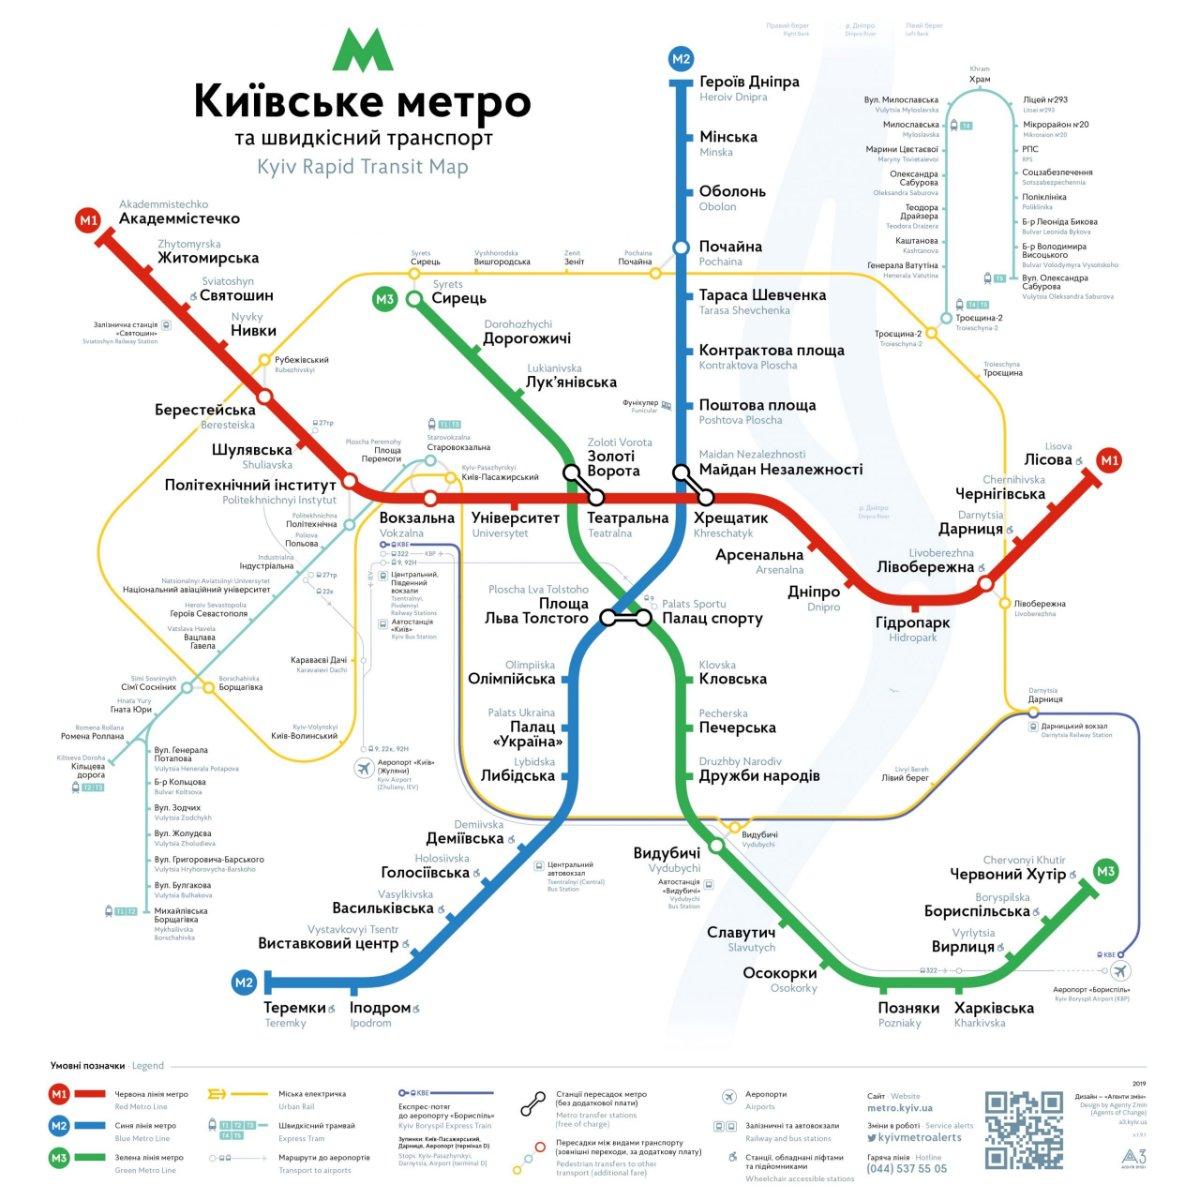 IDMedia Наружная реклама в городе Киев (Киевская область), Метро Digital в городе Киев №238976 схема